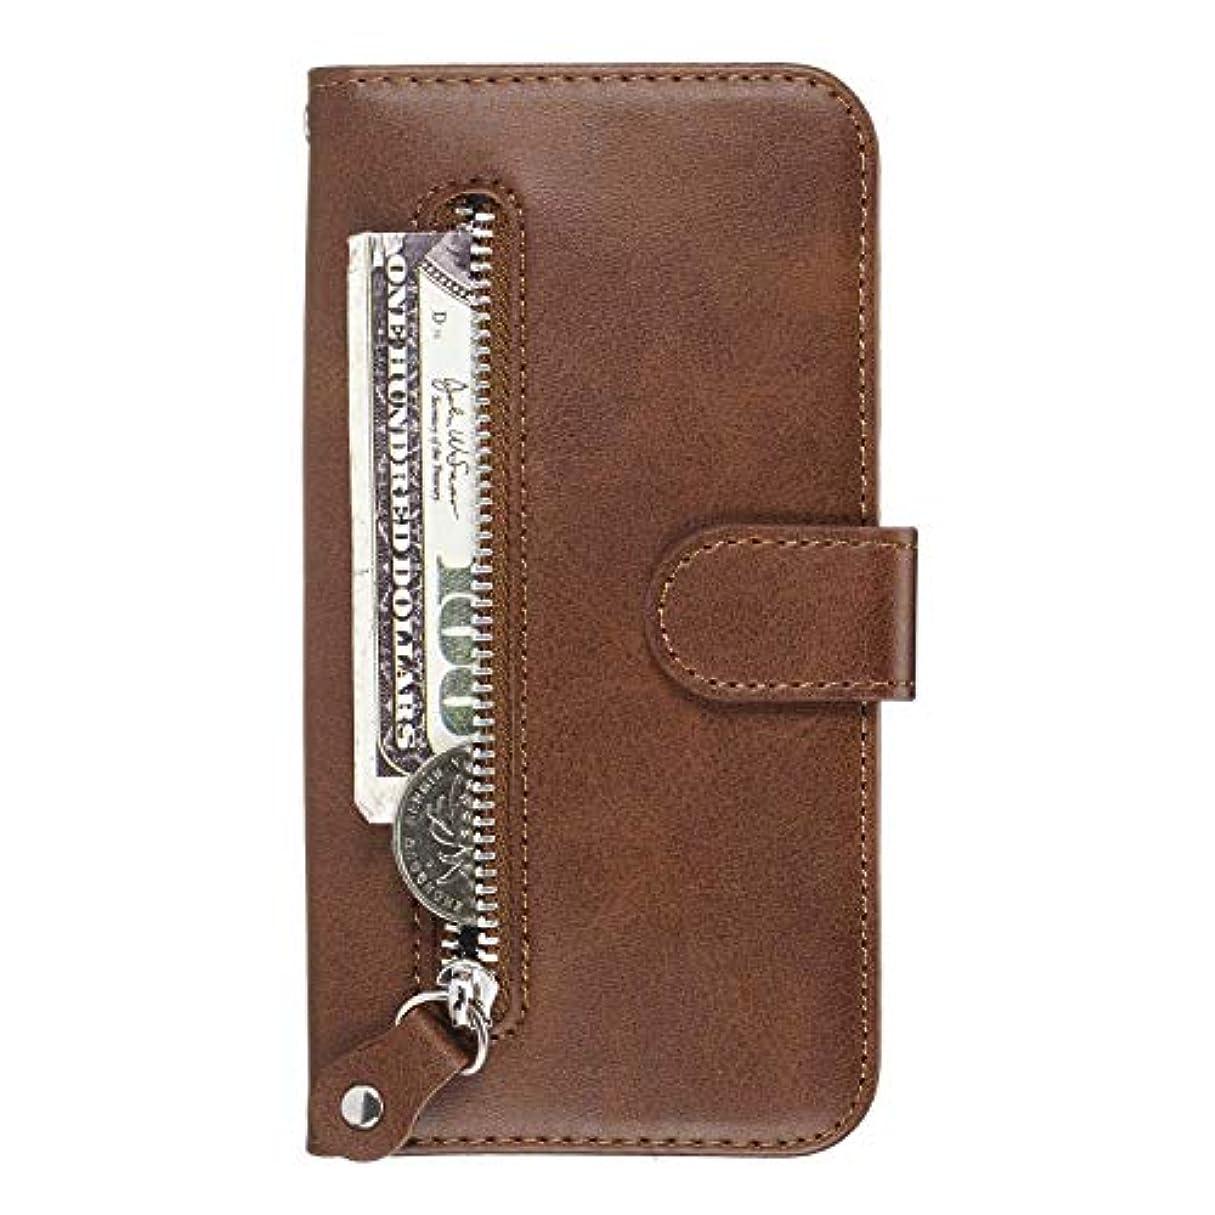 月叫ぶ甘美なOMATENTI iPhone XR ケース, 軽量 PUレザー 薄型 簡約風 人気カバー バックケース iPhone XR 用 Case Cover, 液晶保護 カード収納, 財布とコインポケット付き, 褐色